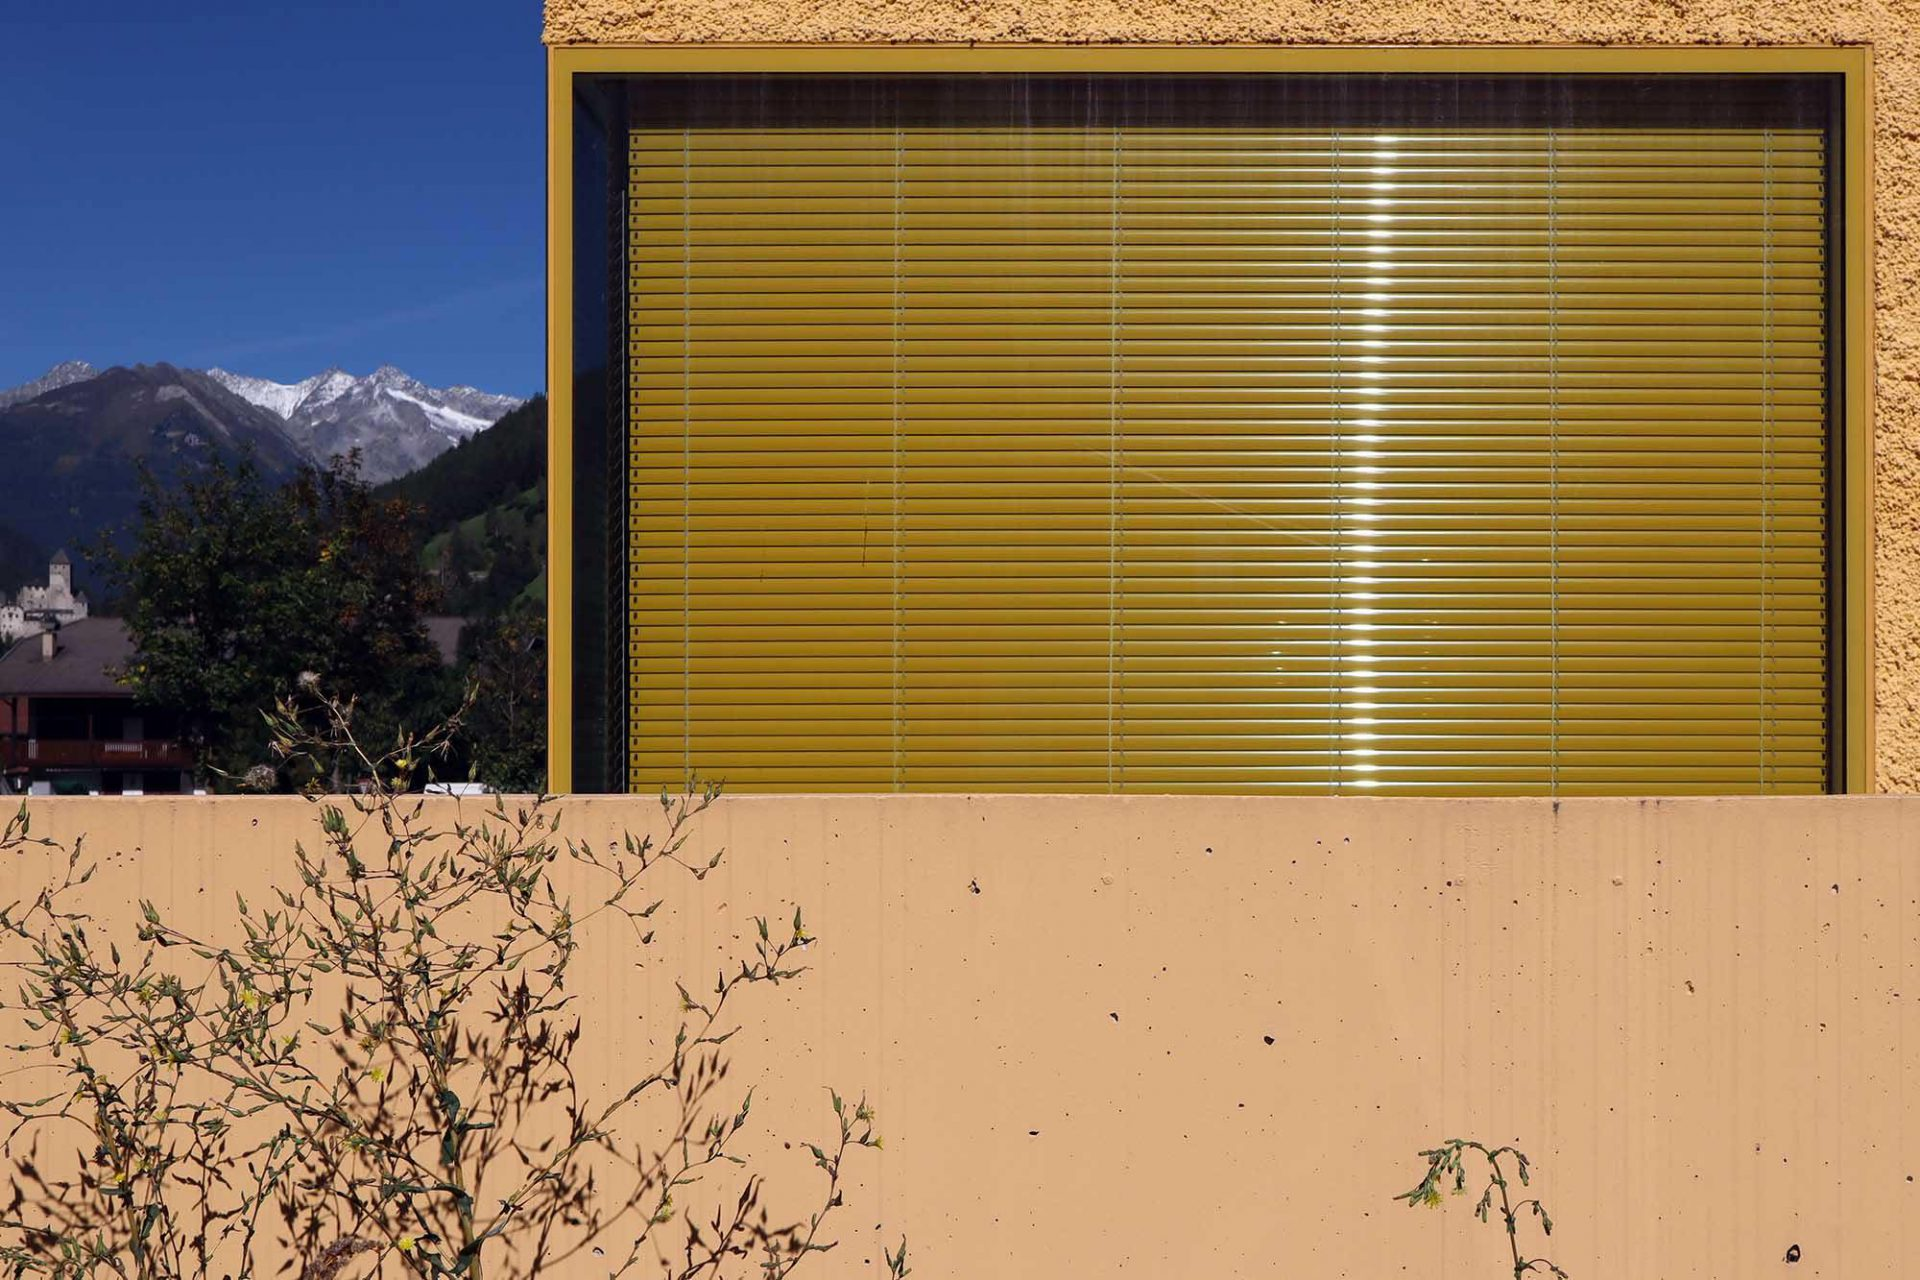 Feuerwehrwache, Sand in Taufers. Die Konzentration auf Form, Farbe und Material zeigt exemplarisch die Herangehensweise der Brüder-Architekten aus Bruneck.